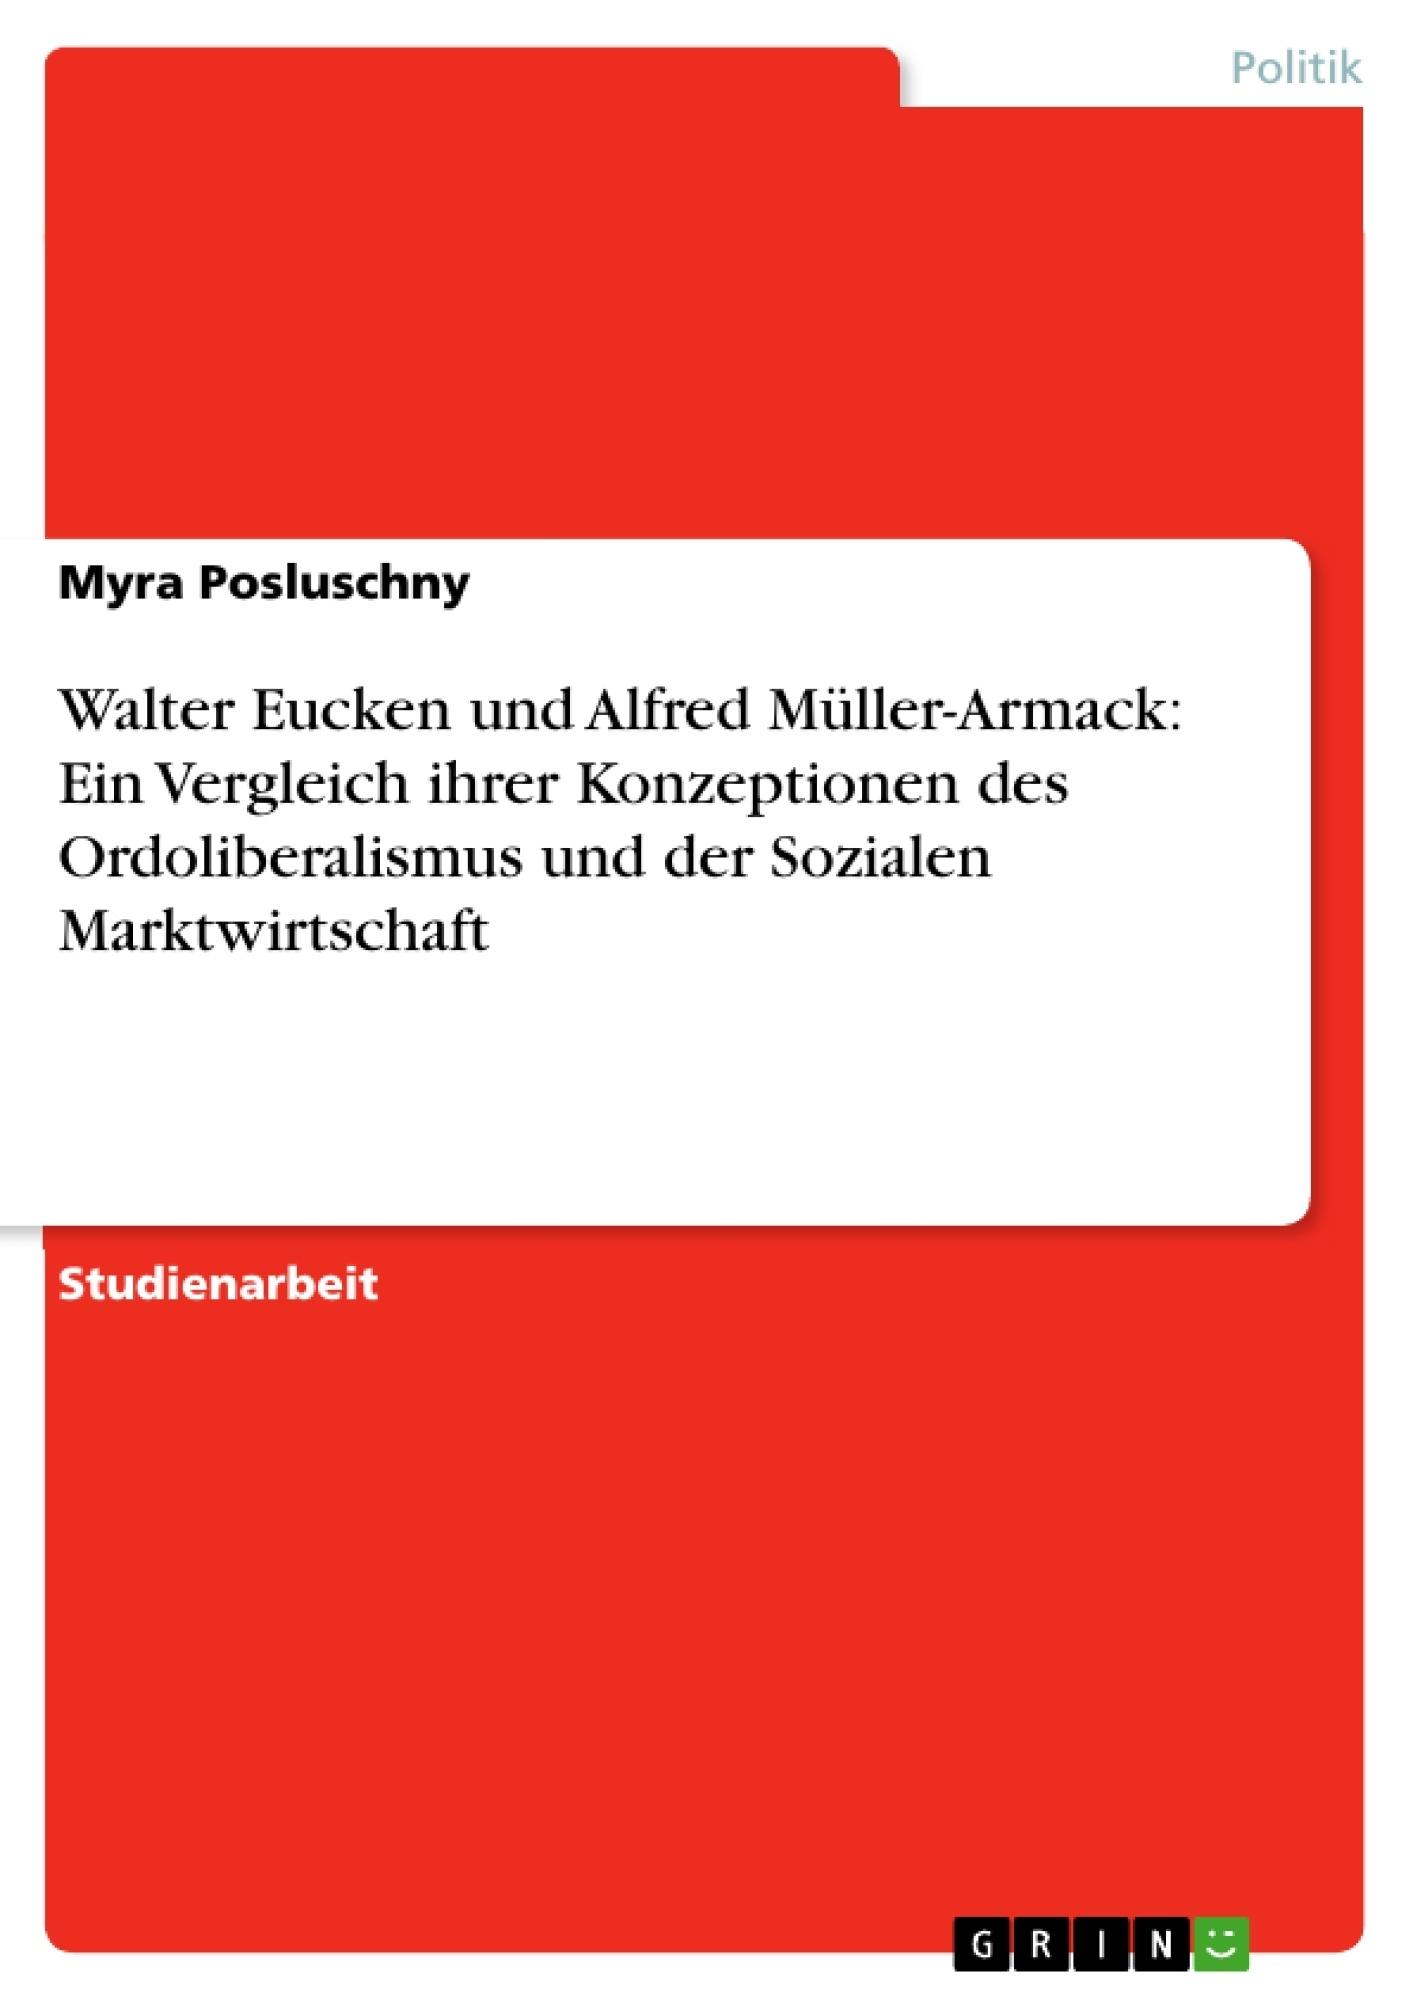 Titel: Walter Eucken und Alfred Müller-Armack: Ein Vergleich ihrer Konzeptionen des Ordoliberalismus und der Sozialen Marktwirtschaft